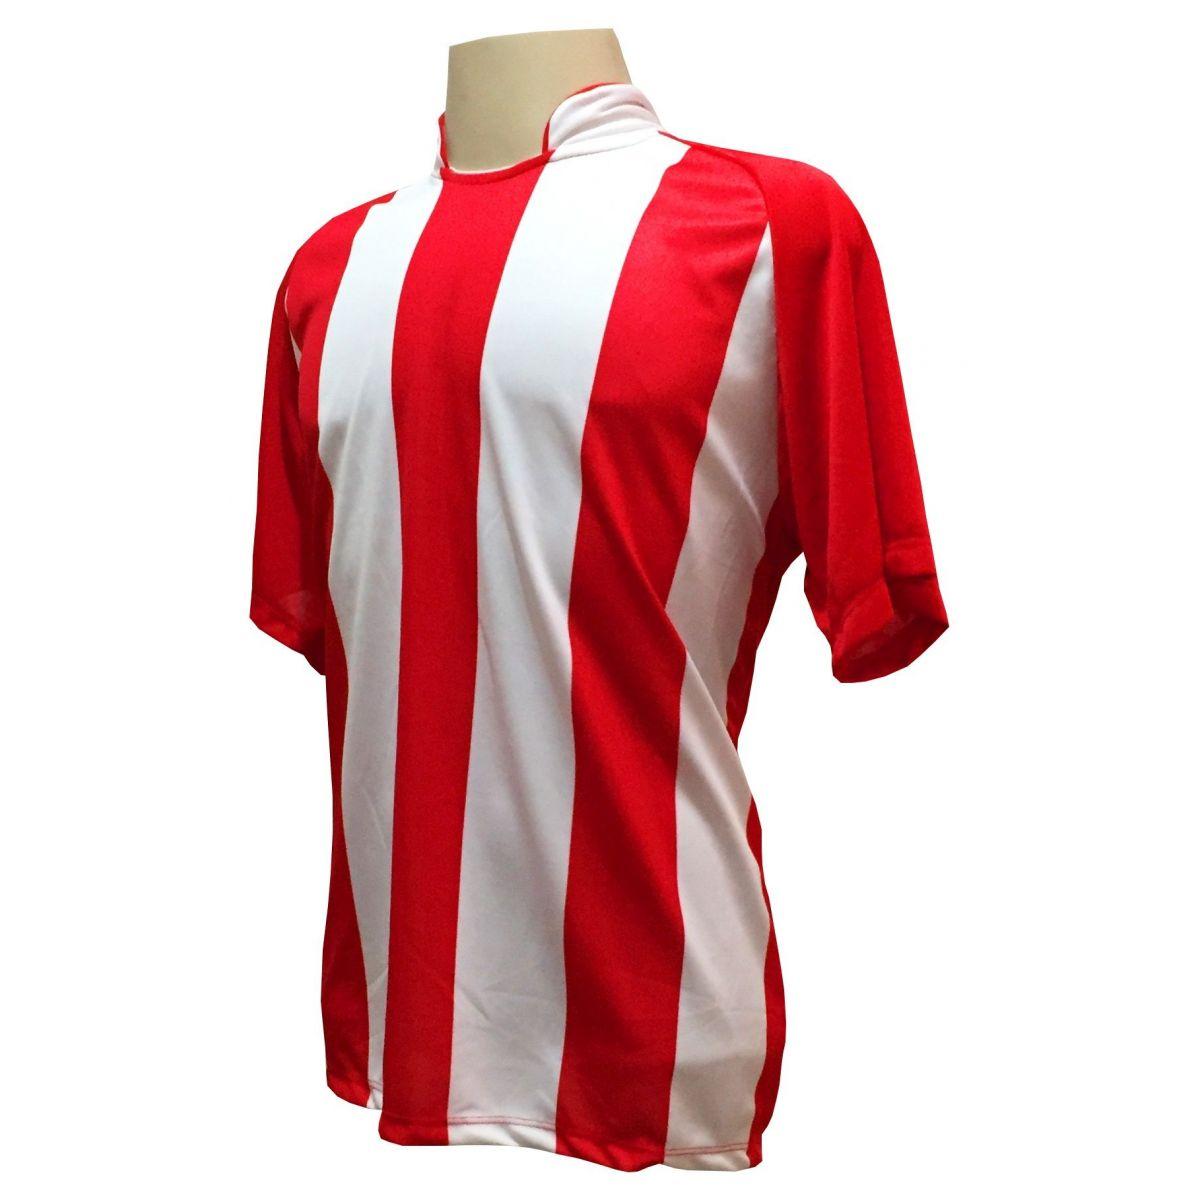 Fardamento Completo modelo Milan 18+2 (18 Camisas Vermelho/Branco + 18 Calções Vermelho/Branco + 18 Pares de Meiões Vermelhos + 2 Conjuntos de Goleiro) + Brindes